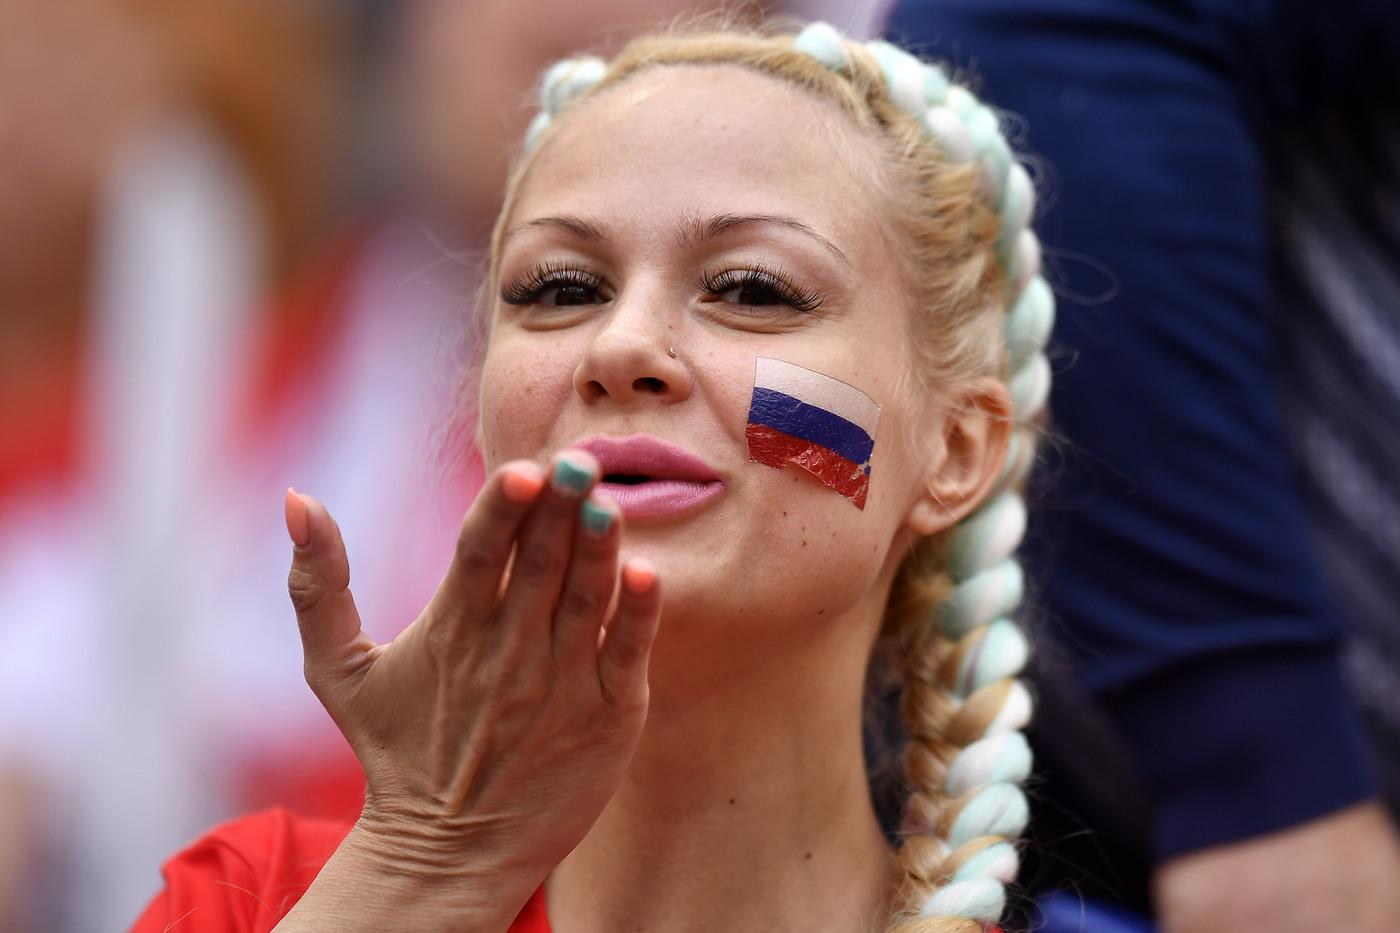 Coppa di Russia 31 ottobre: i pronostici e le quote